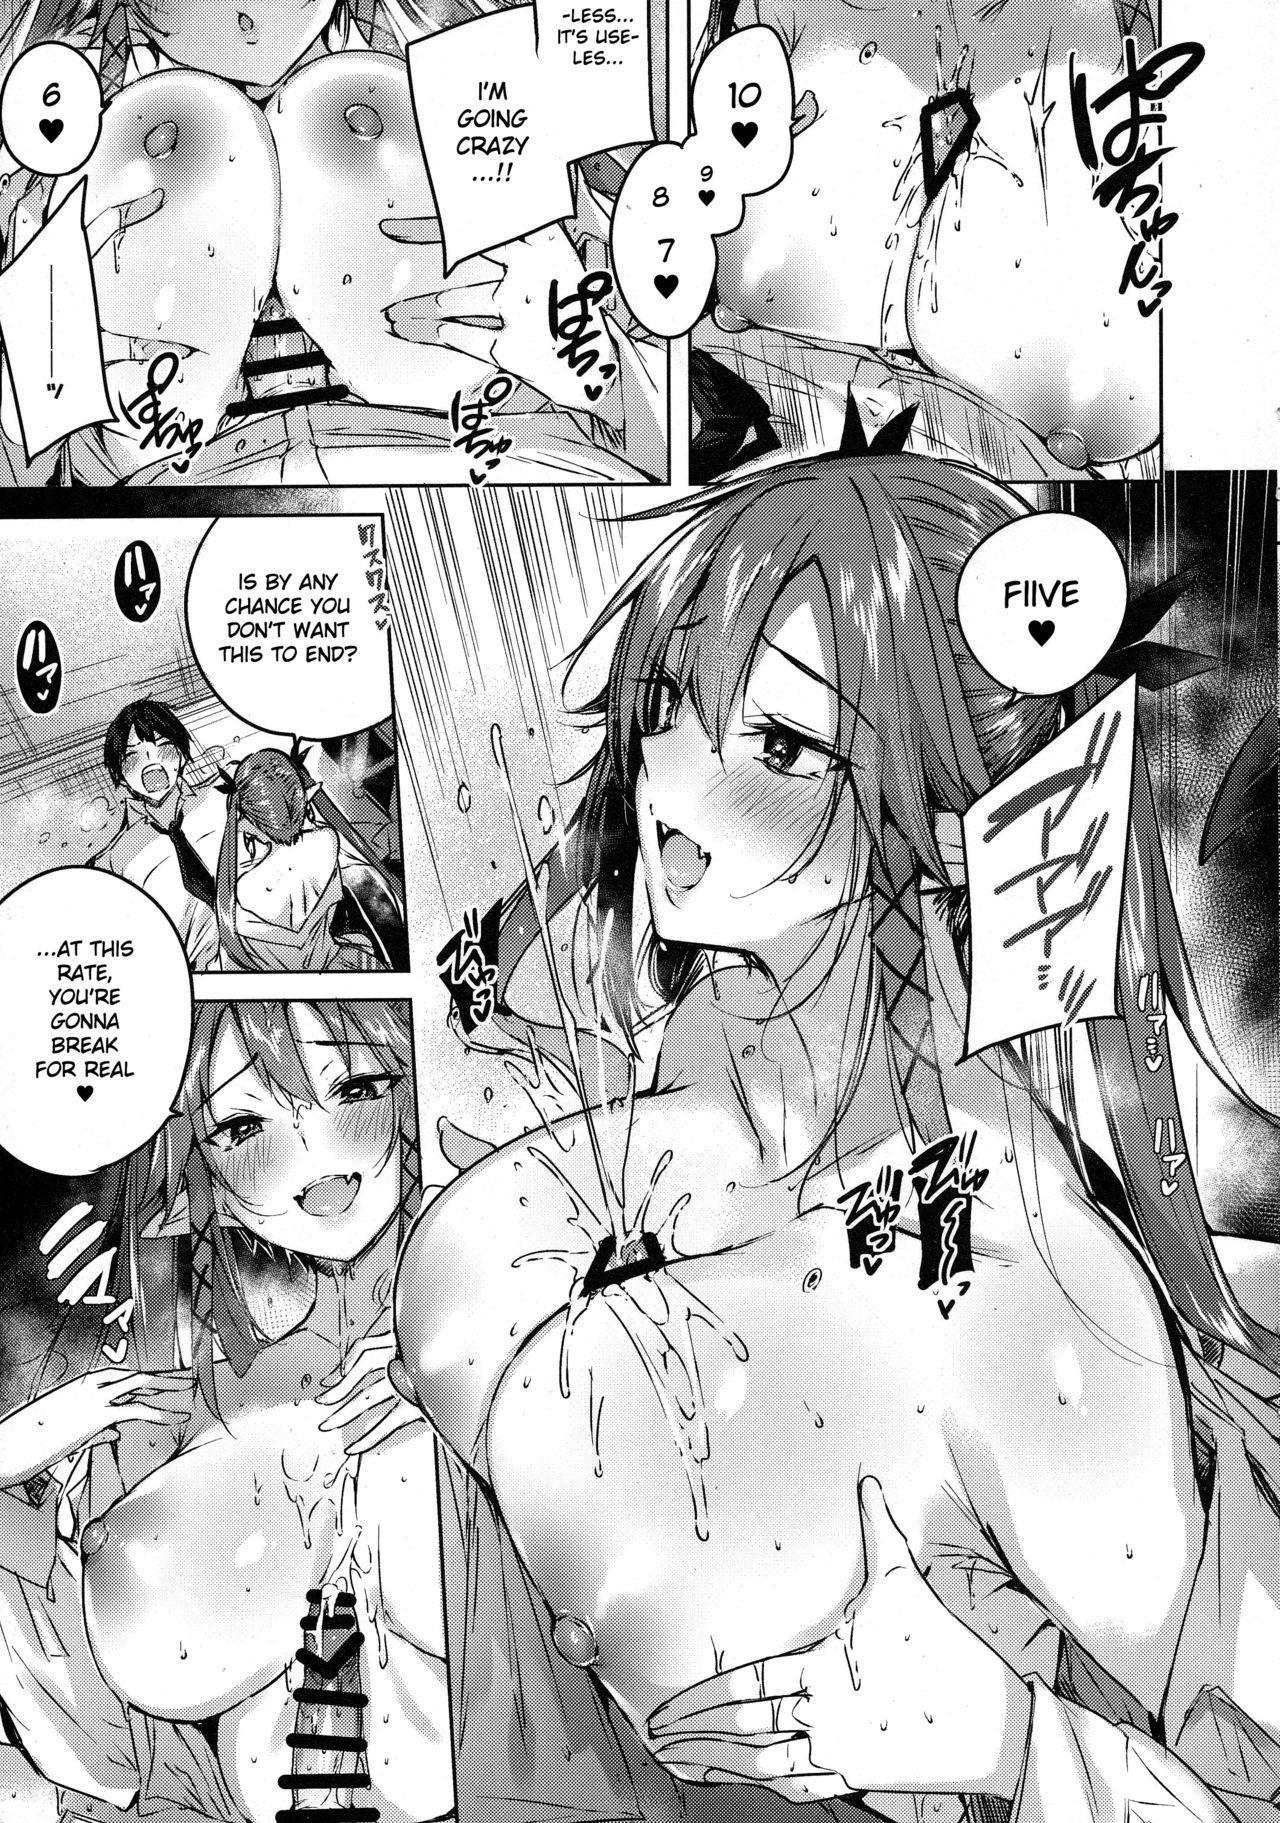 Koakuma Setsuko no Himitsu Vol. 5 13